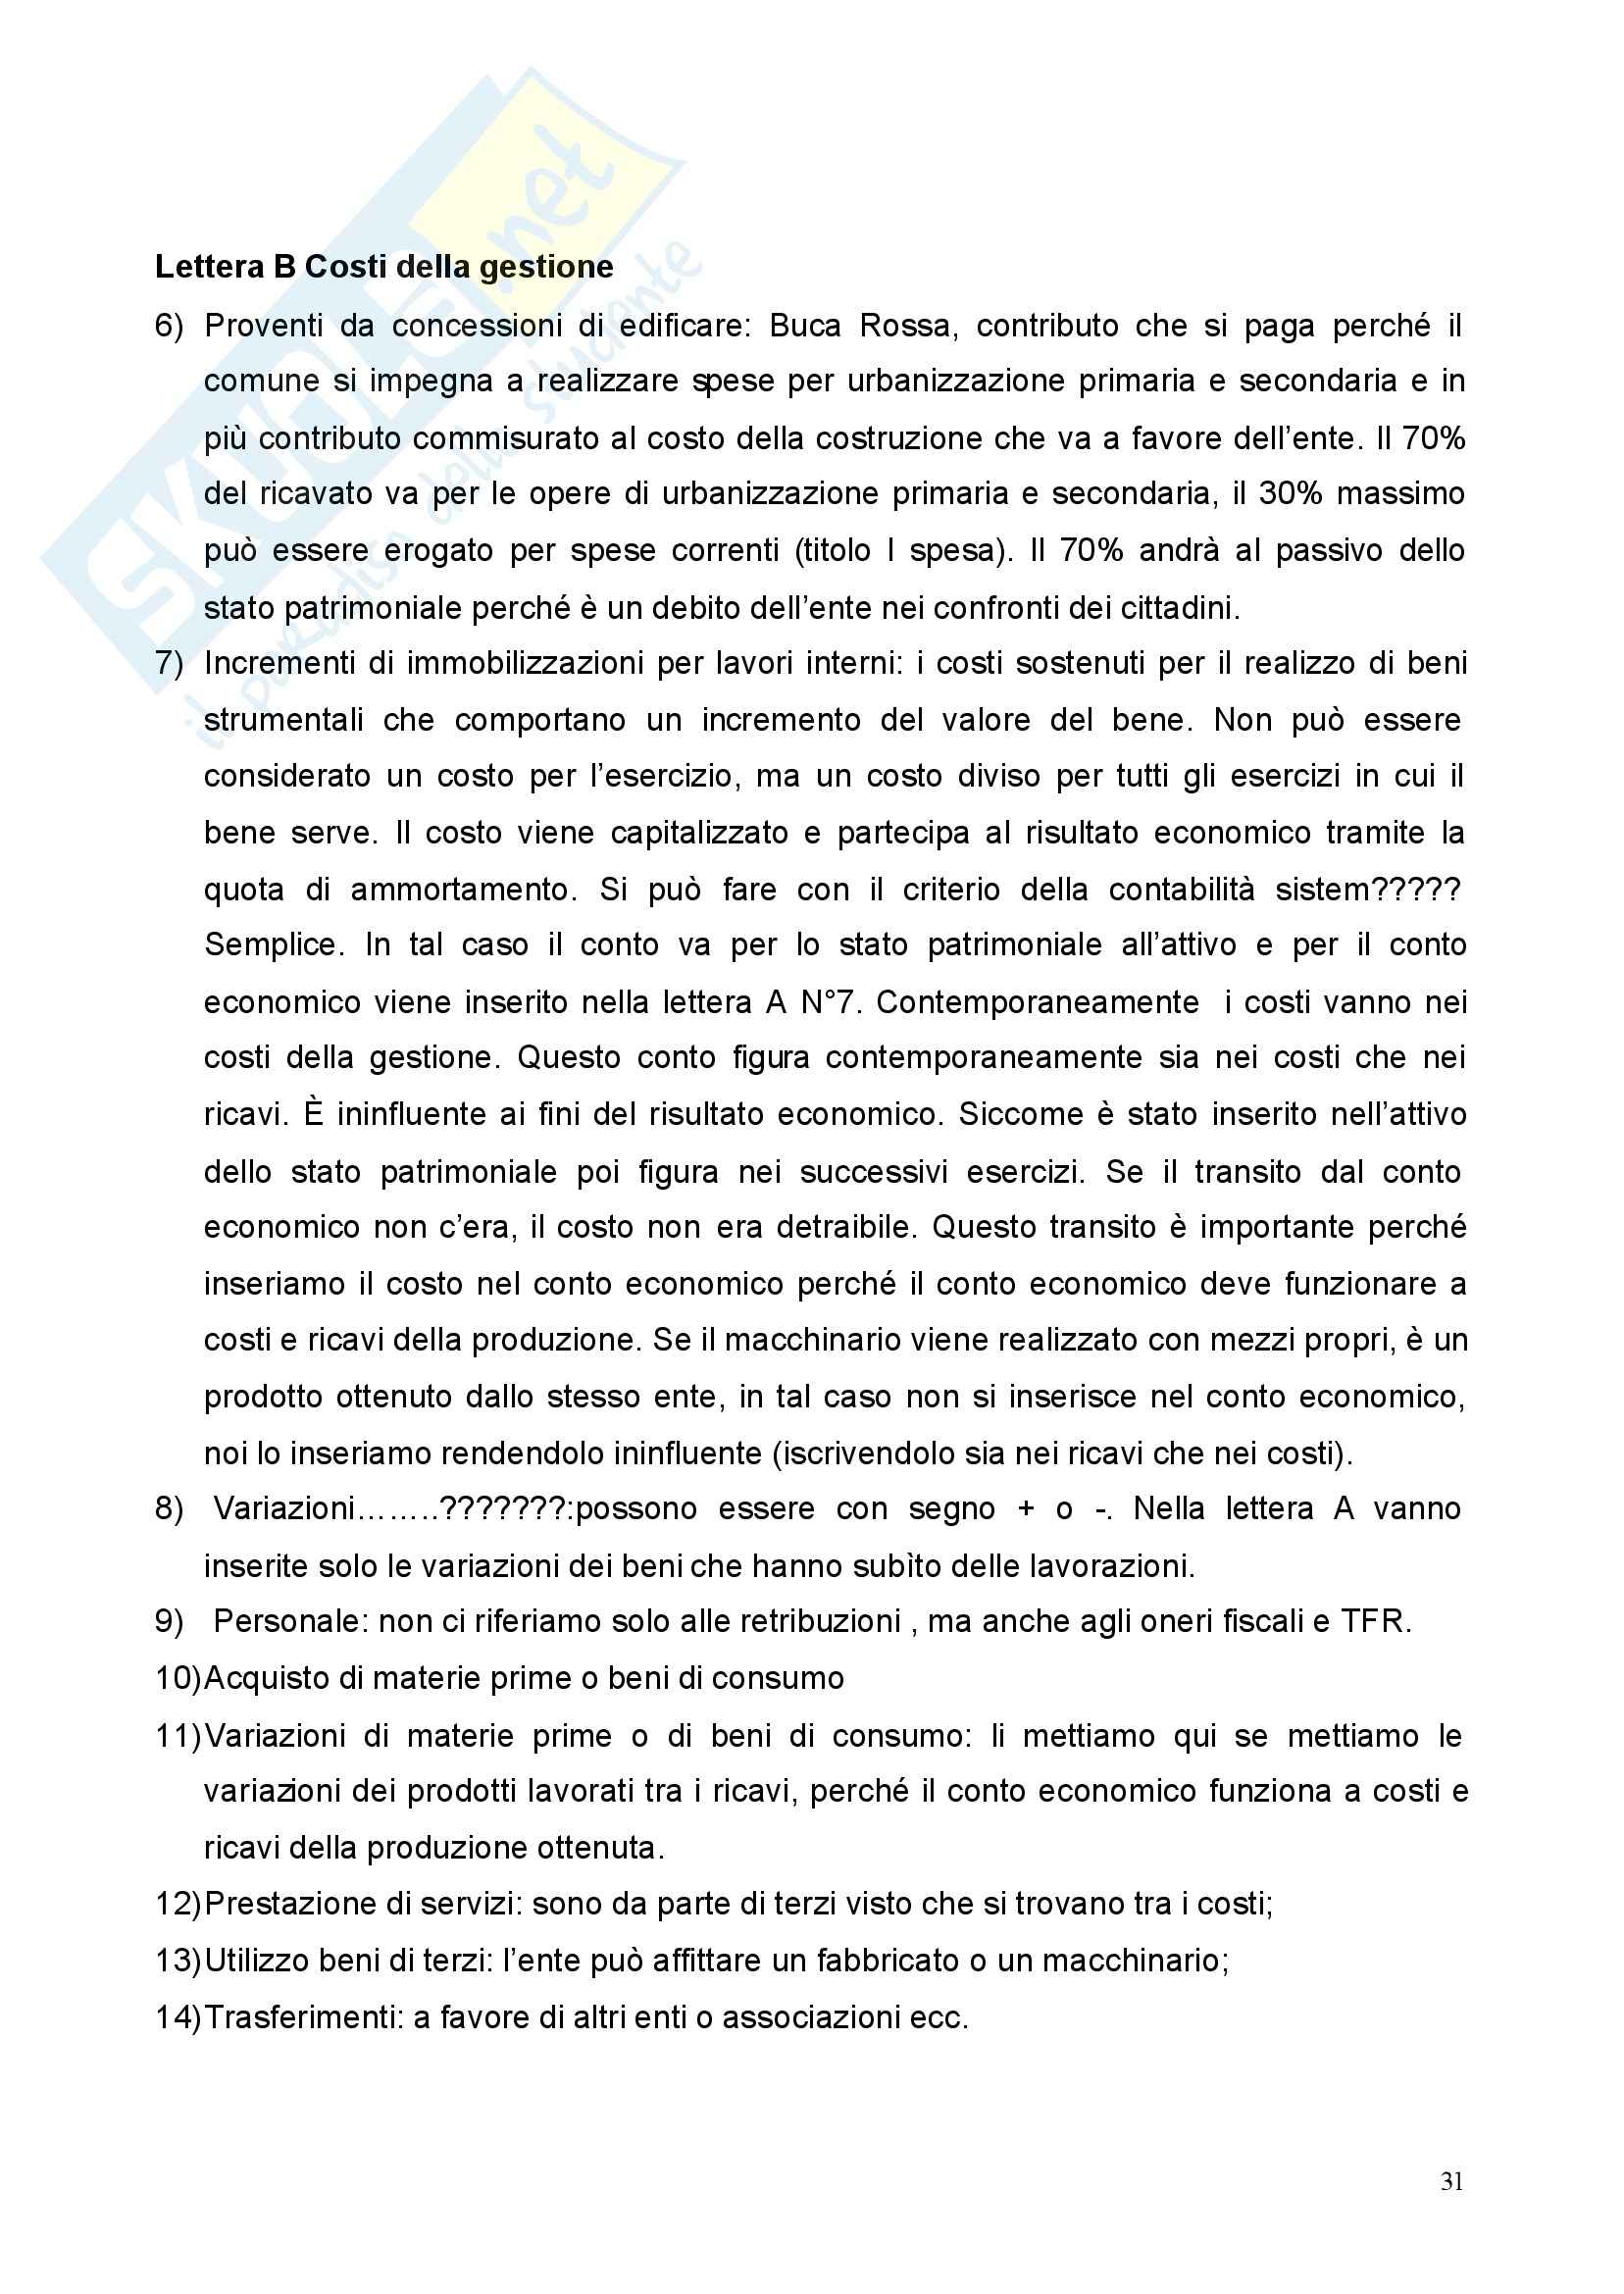 Economia Aziendale - Appunti Pag. 31